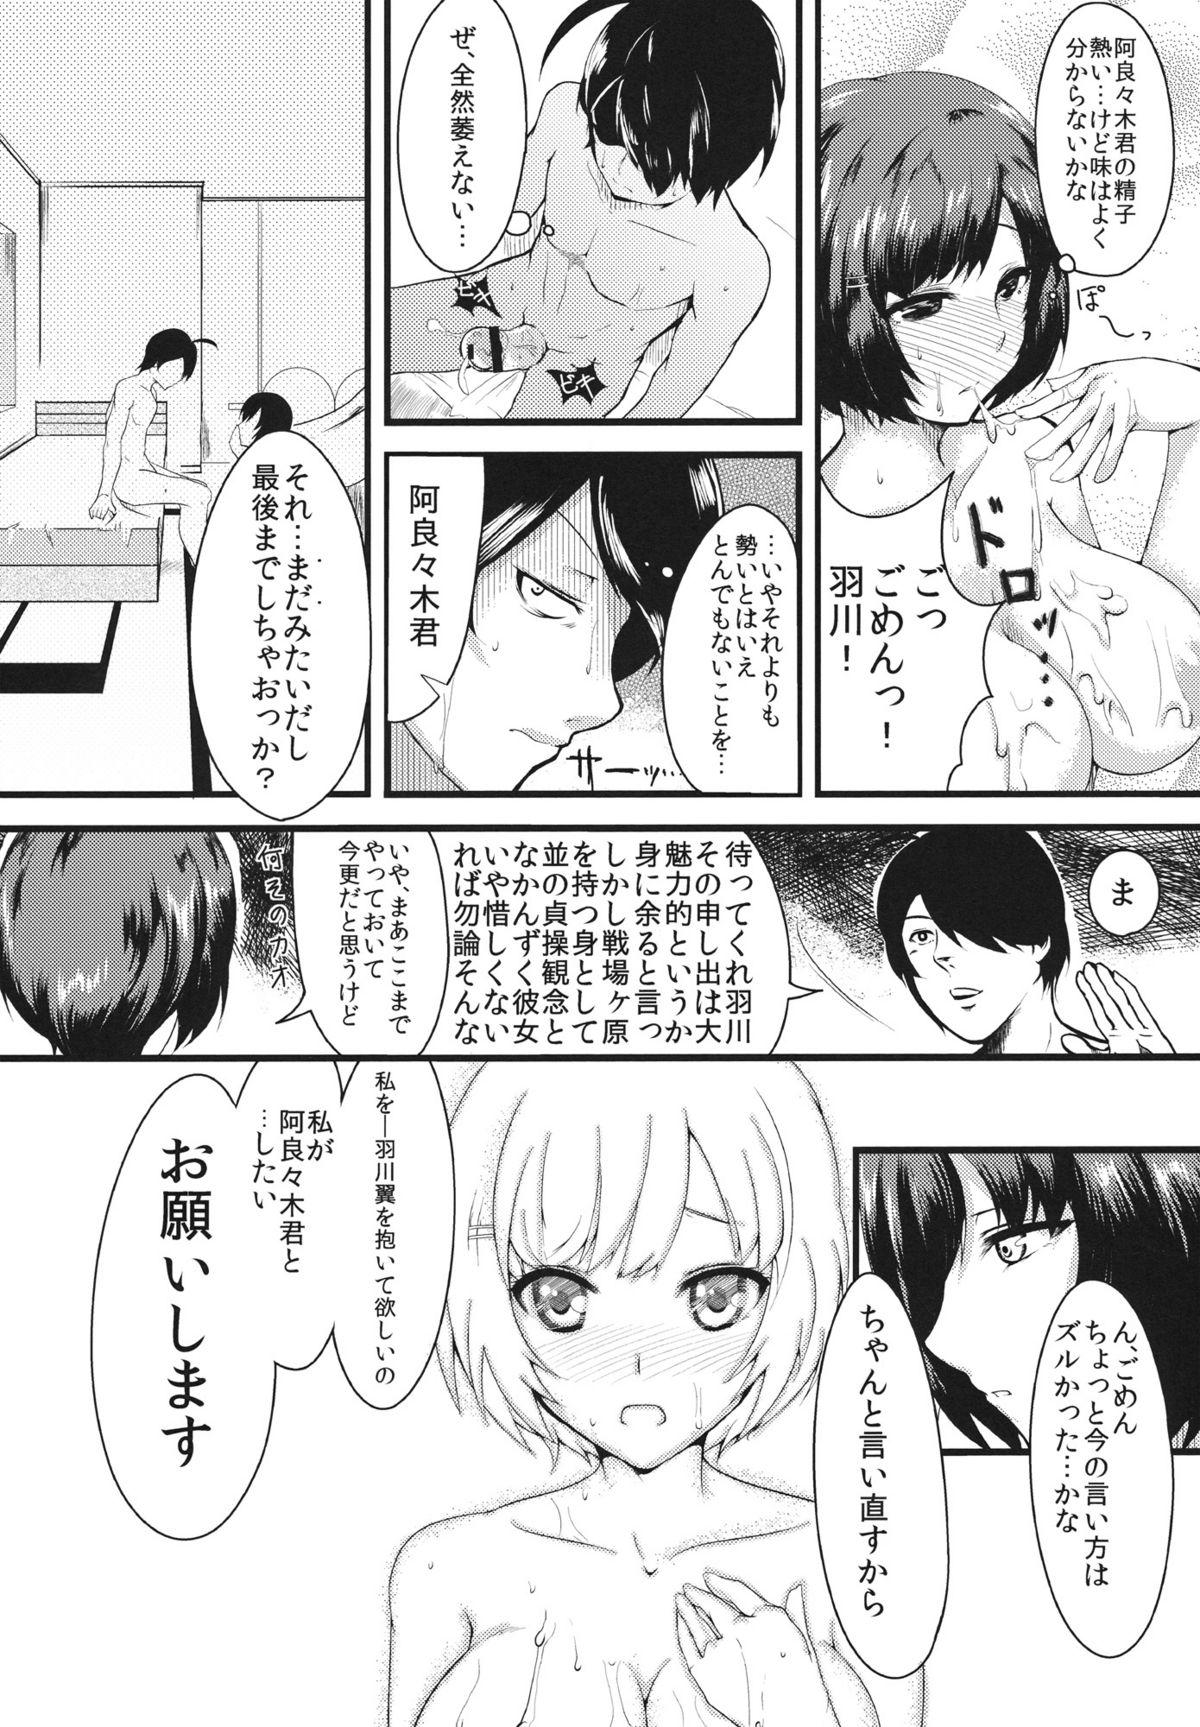 Homemonogatari 11